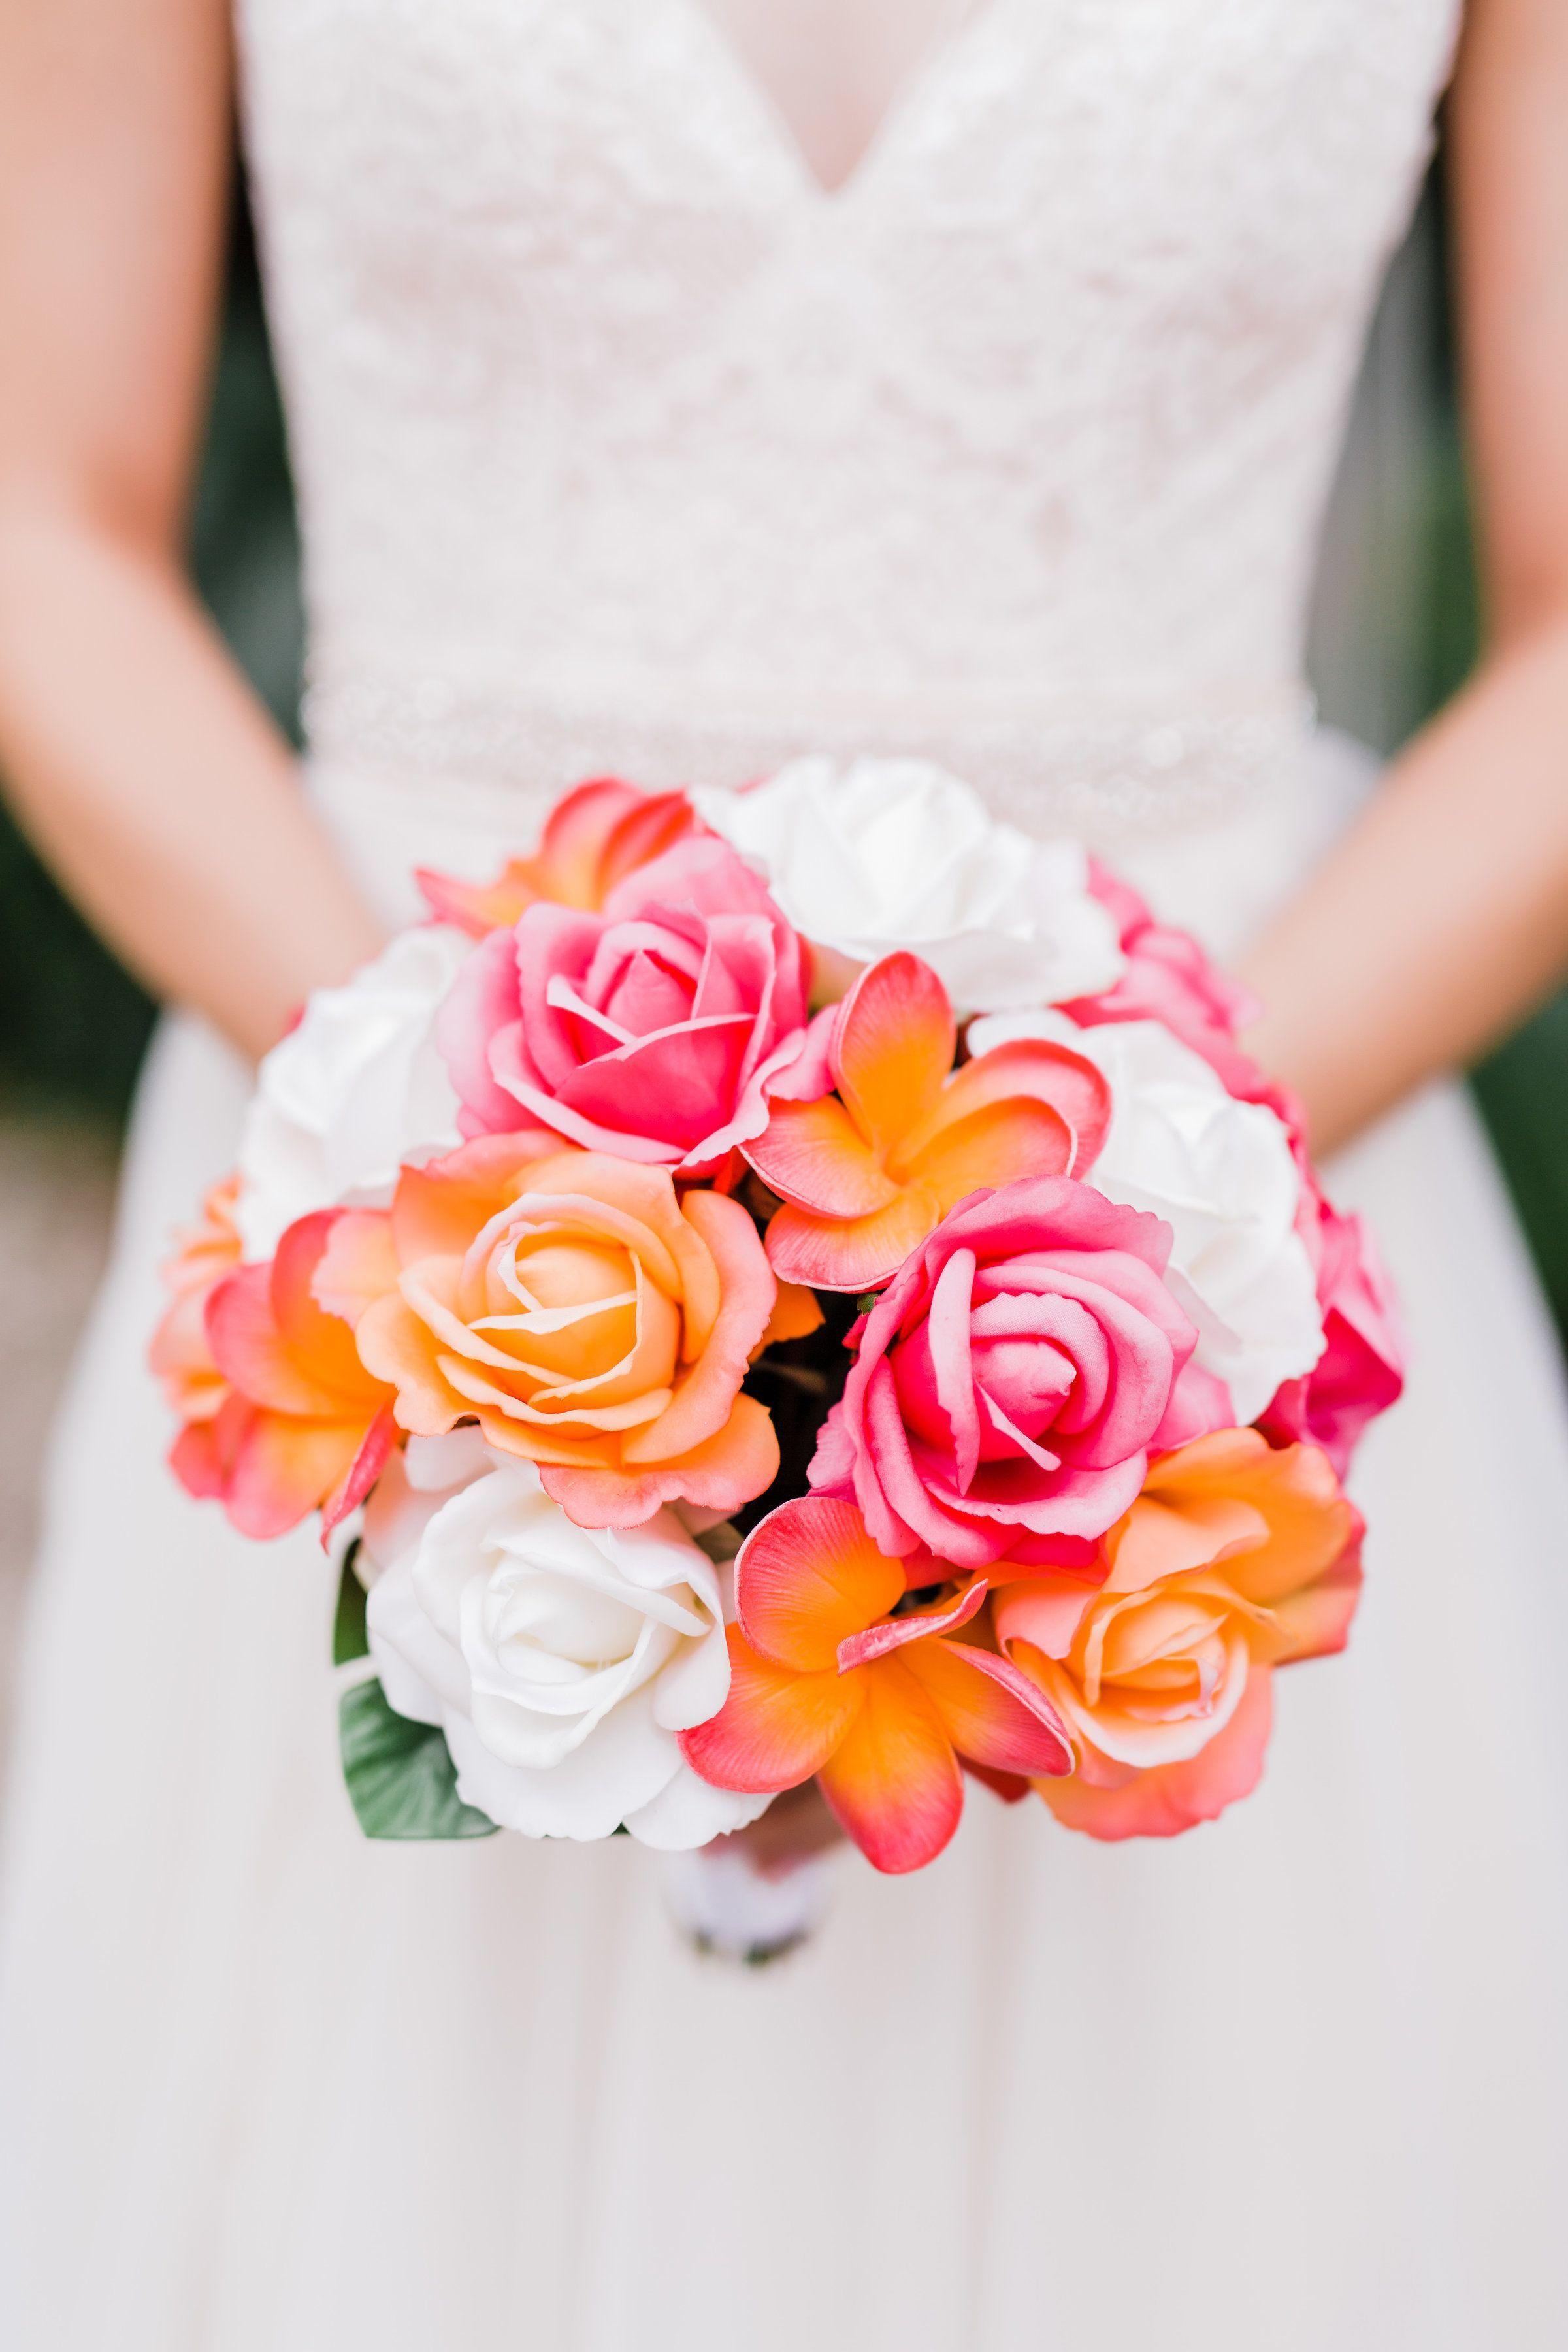 Tropical Pink And Orange Wedding Flower Bouquet Silk Wedding